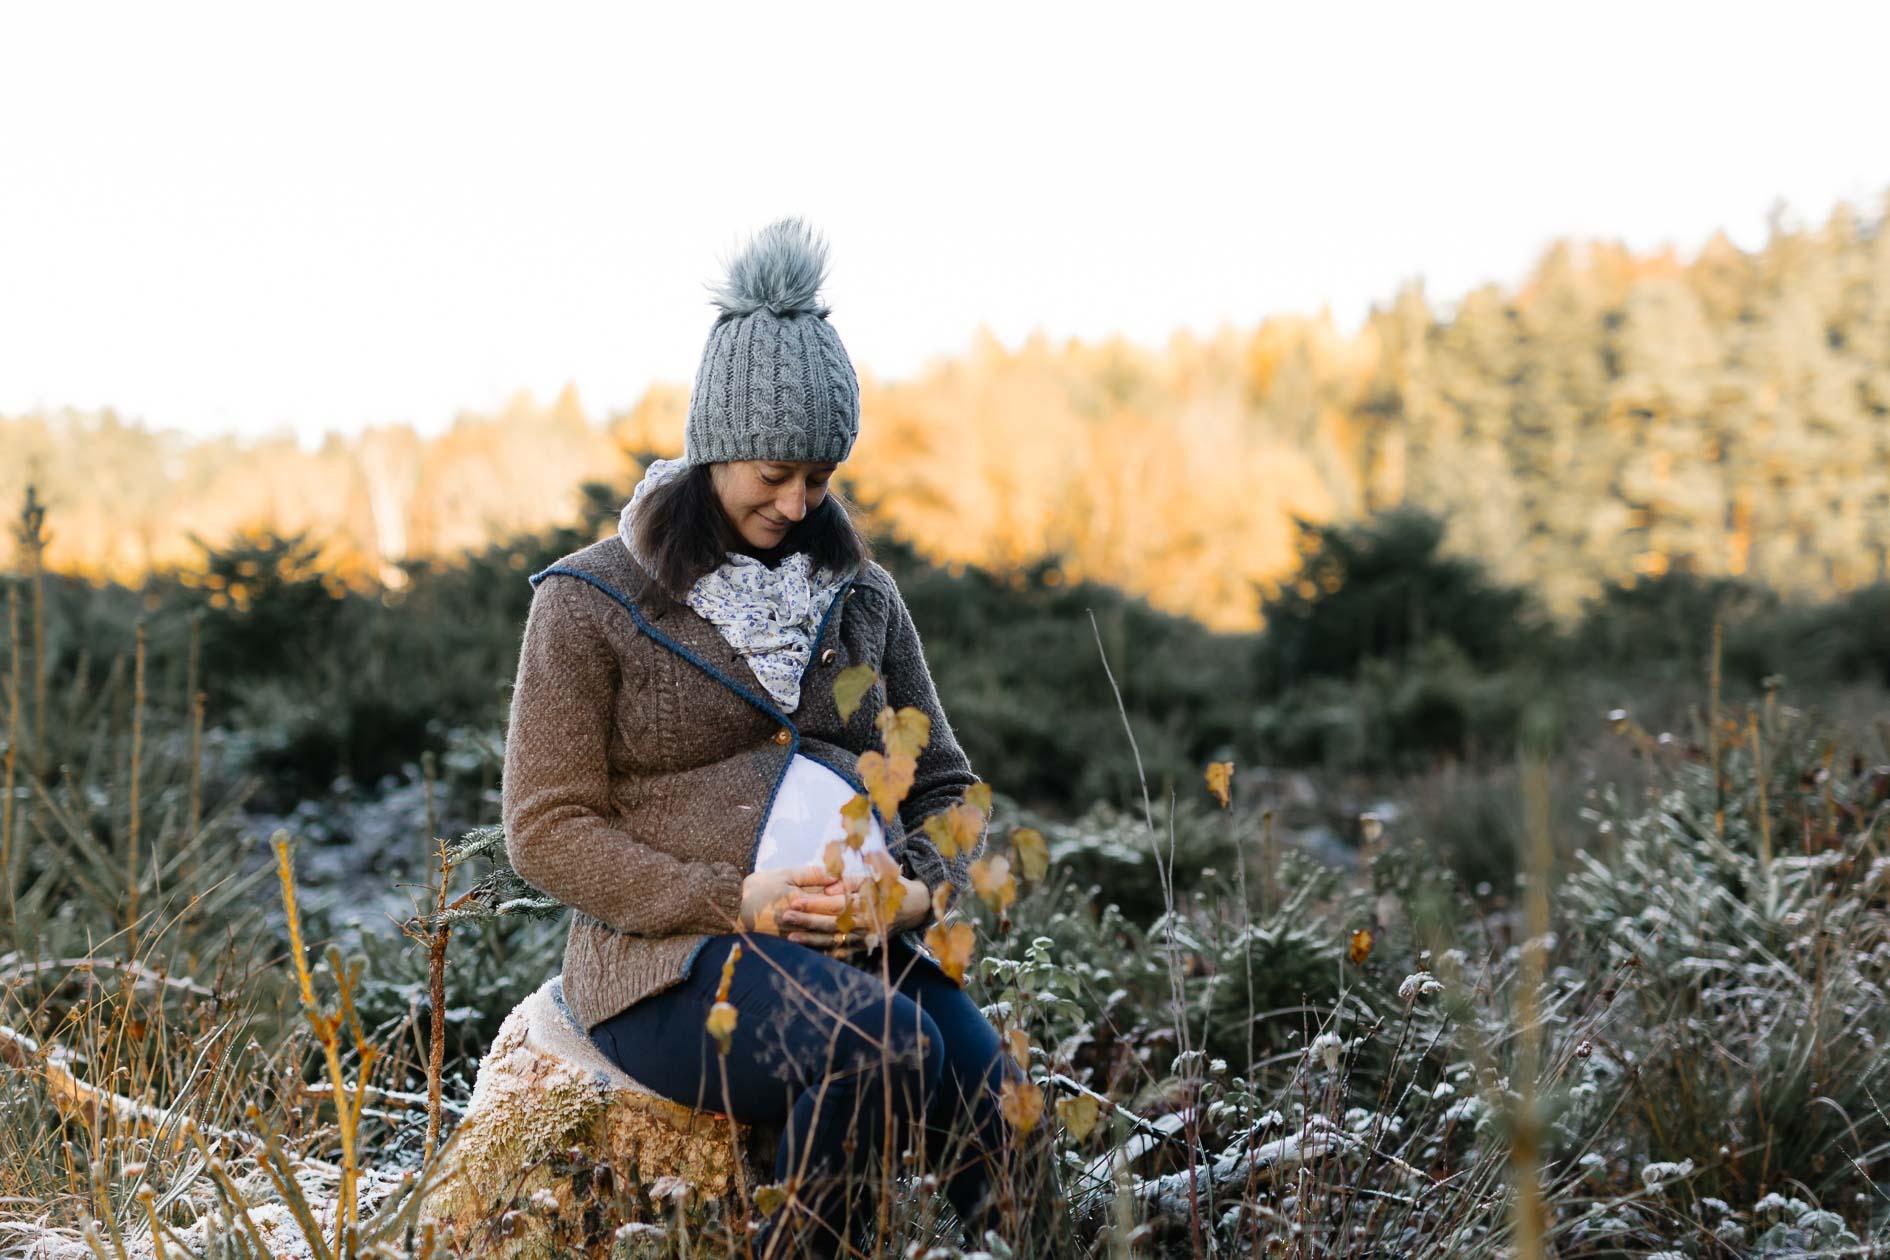 Babybauchfotografie Liebe im Bauch Die Lichtzeichnerin unterwegs im eisigen Wald